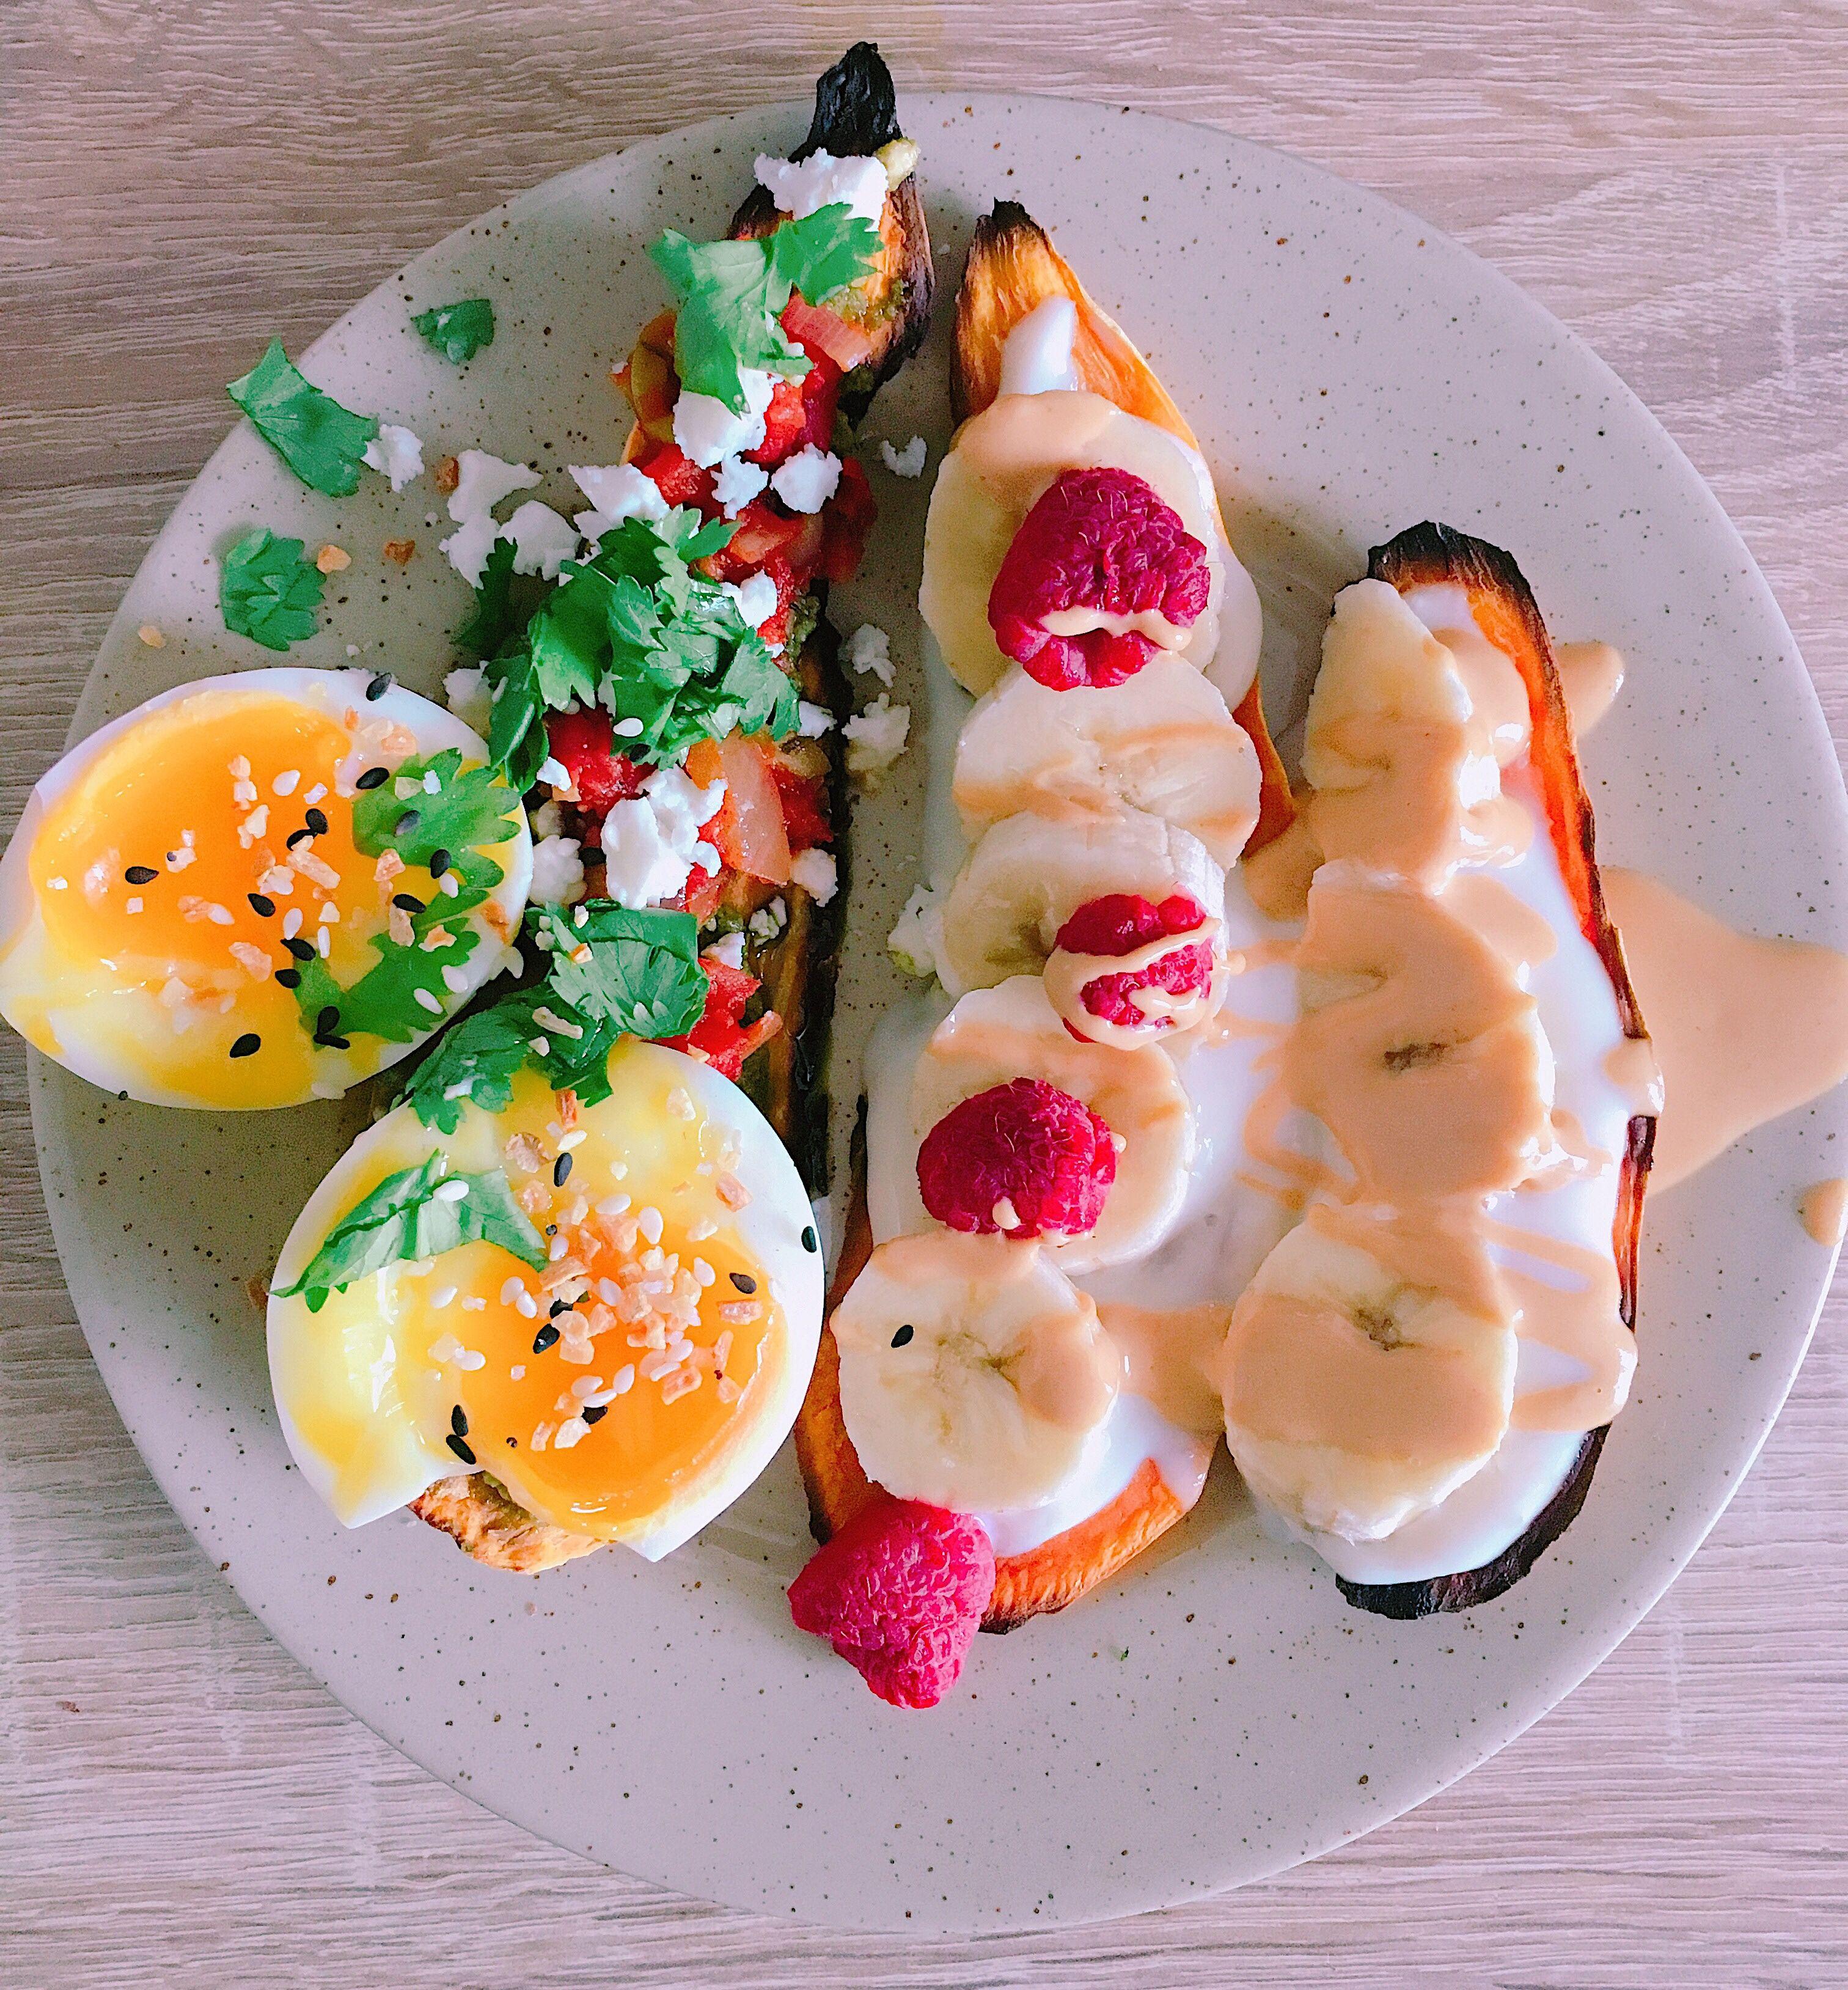 Toast De Patate Douce Sucre Et Sale Pour Un Petit Dejeuner Ou Un Brunch Parfait Facile A Faire Et A Agrementer Petit Dejeuner Healthy Petit Dejeuner Brunch